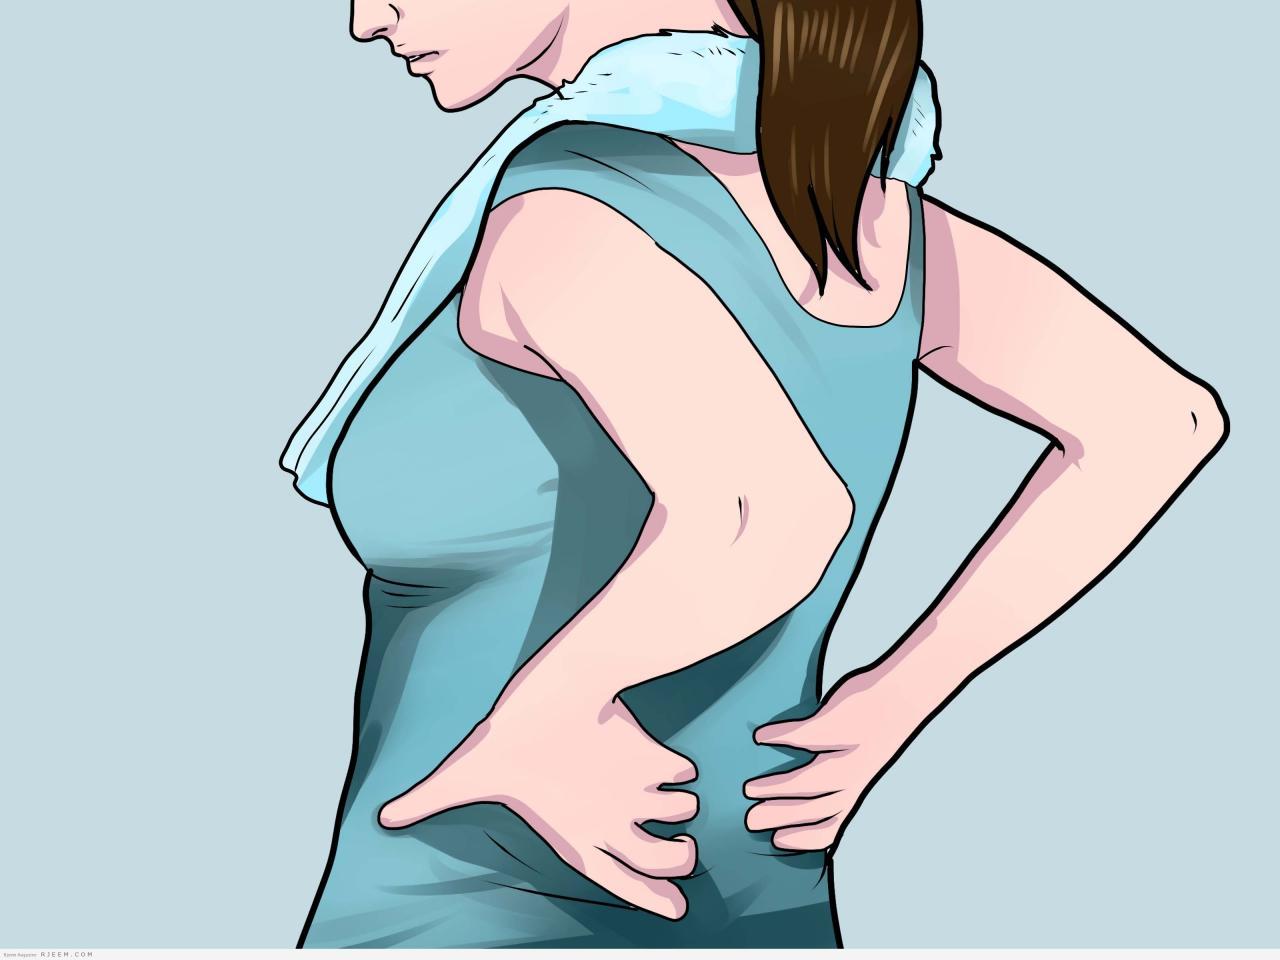 صورة اسباب تعب الجسم والعضلات , العوامل التى تؤدى الى ارهاق الجسد